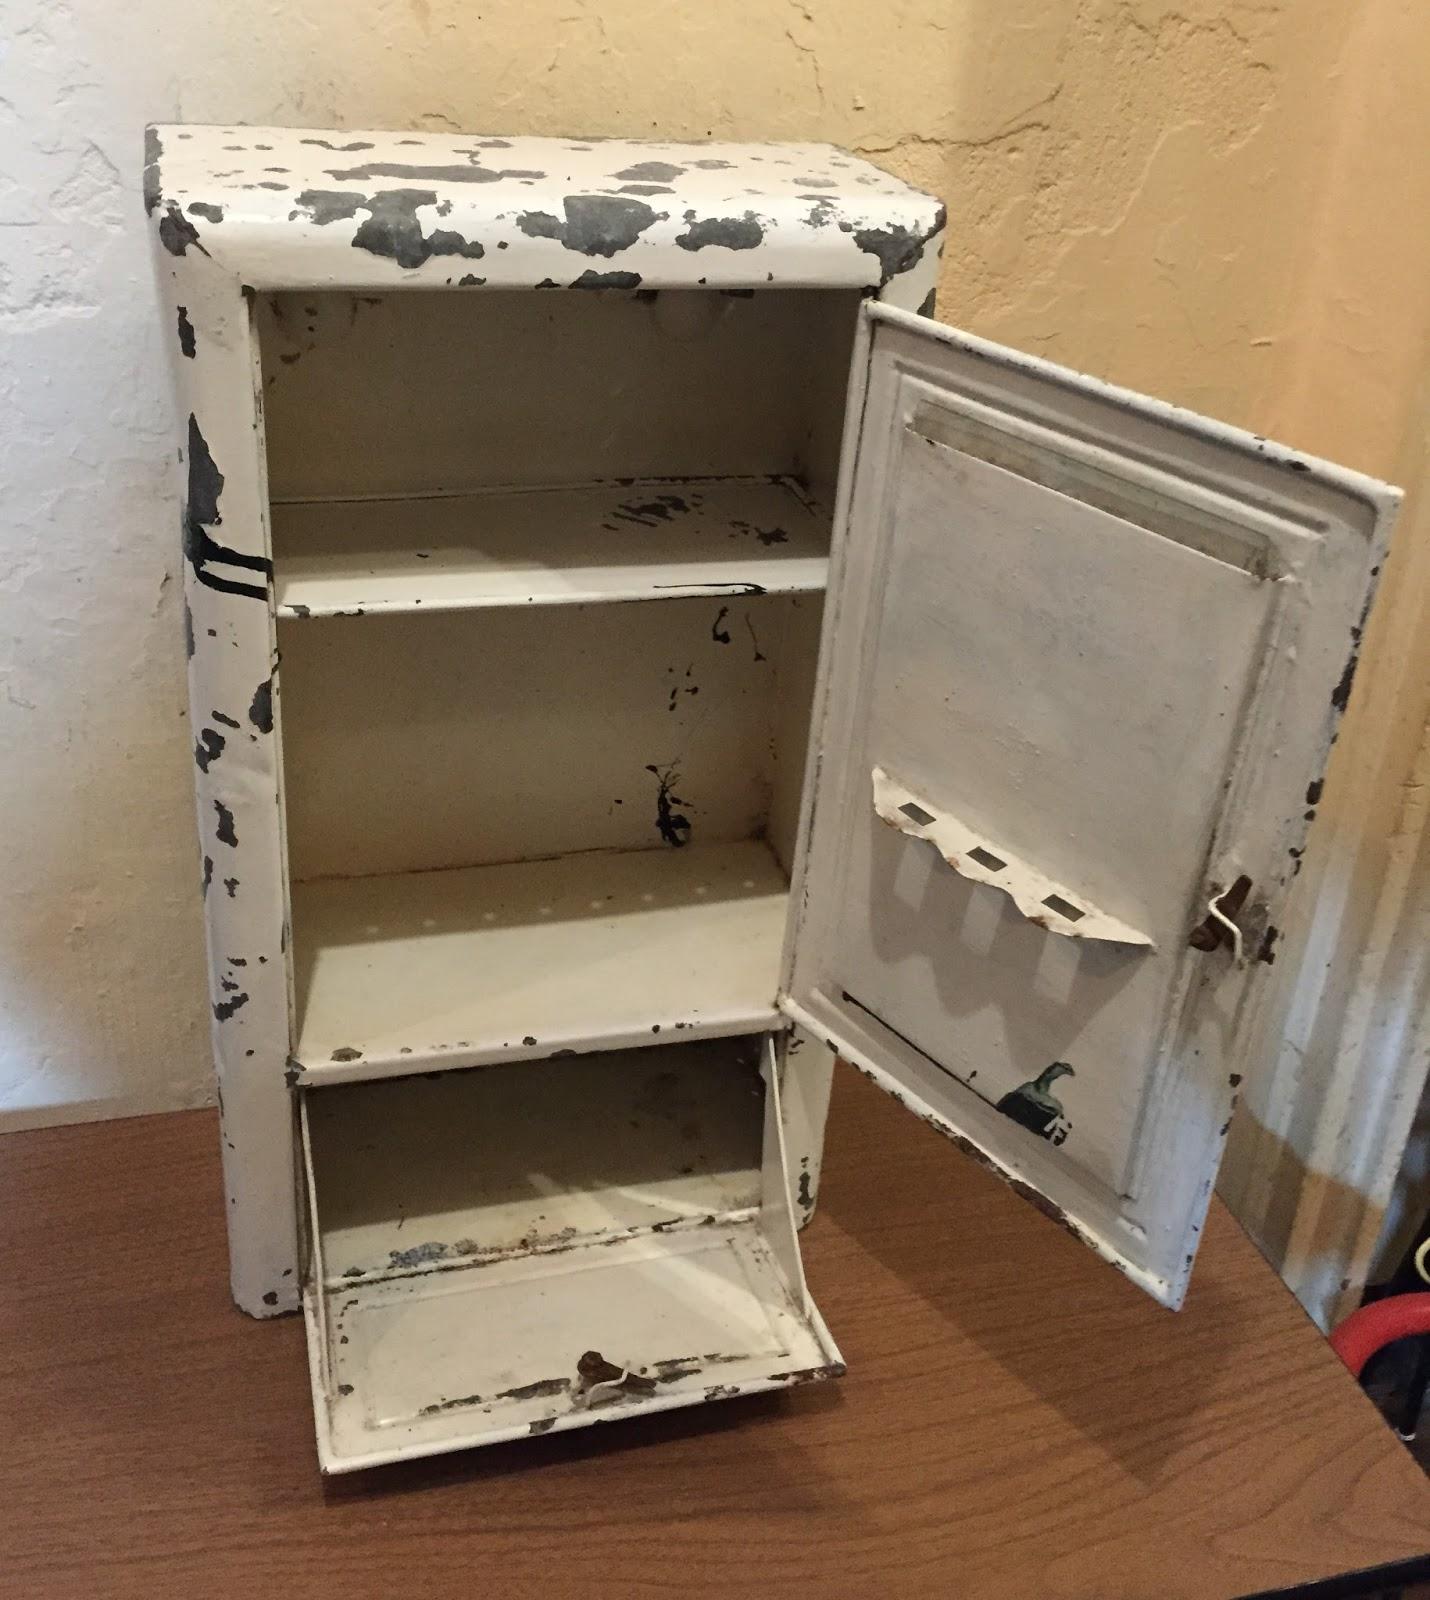 Medidas De Un Botiquin Para Baño:Mueble botiquín de baño, metálico con señales del paso del tiempo